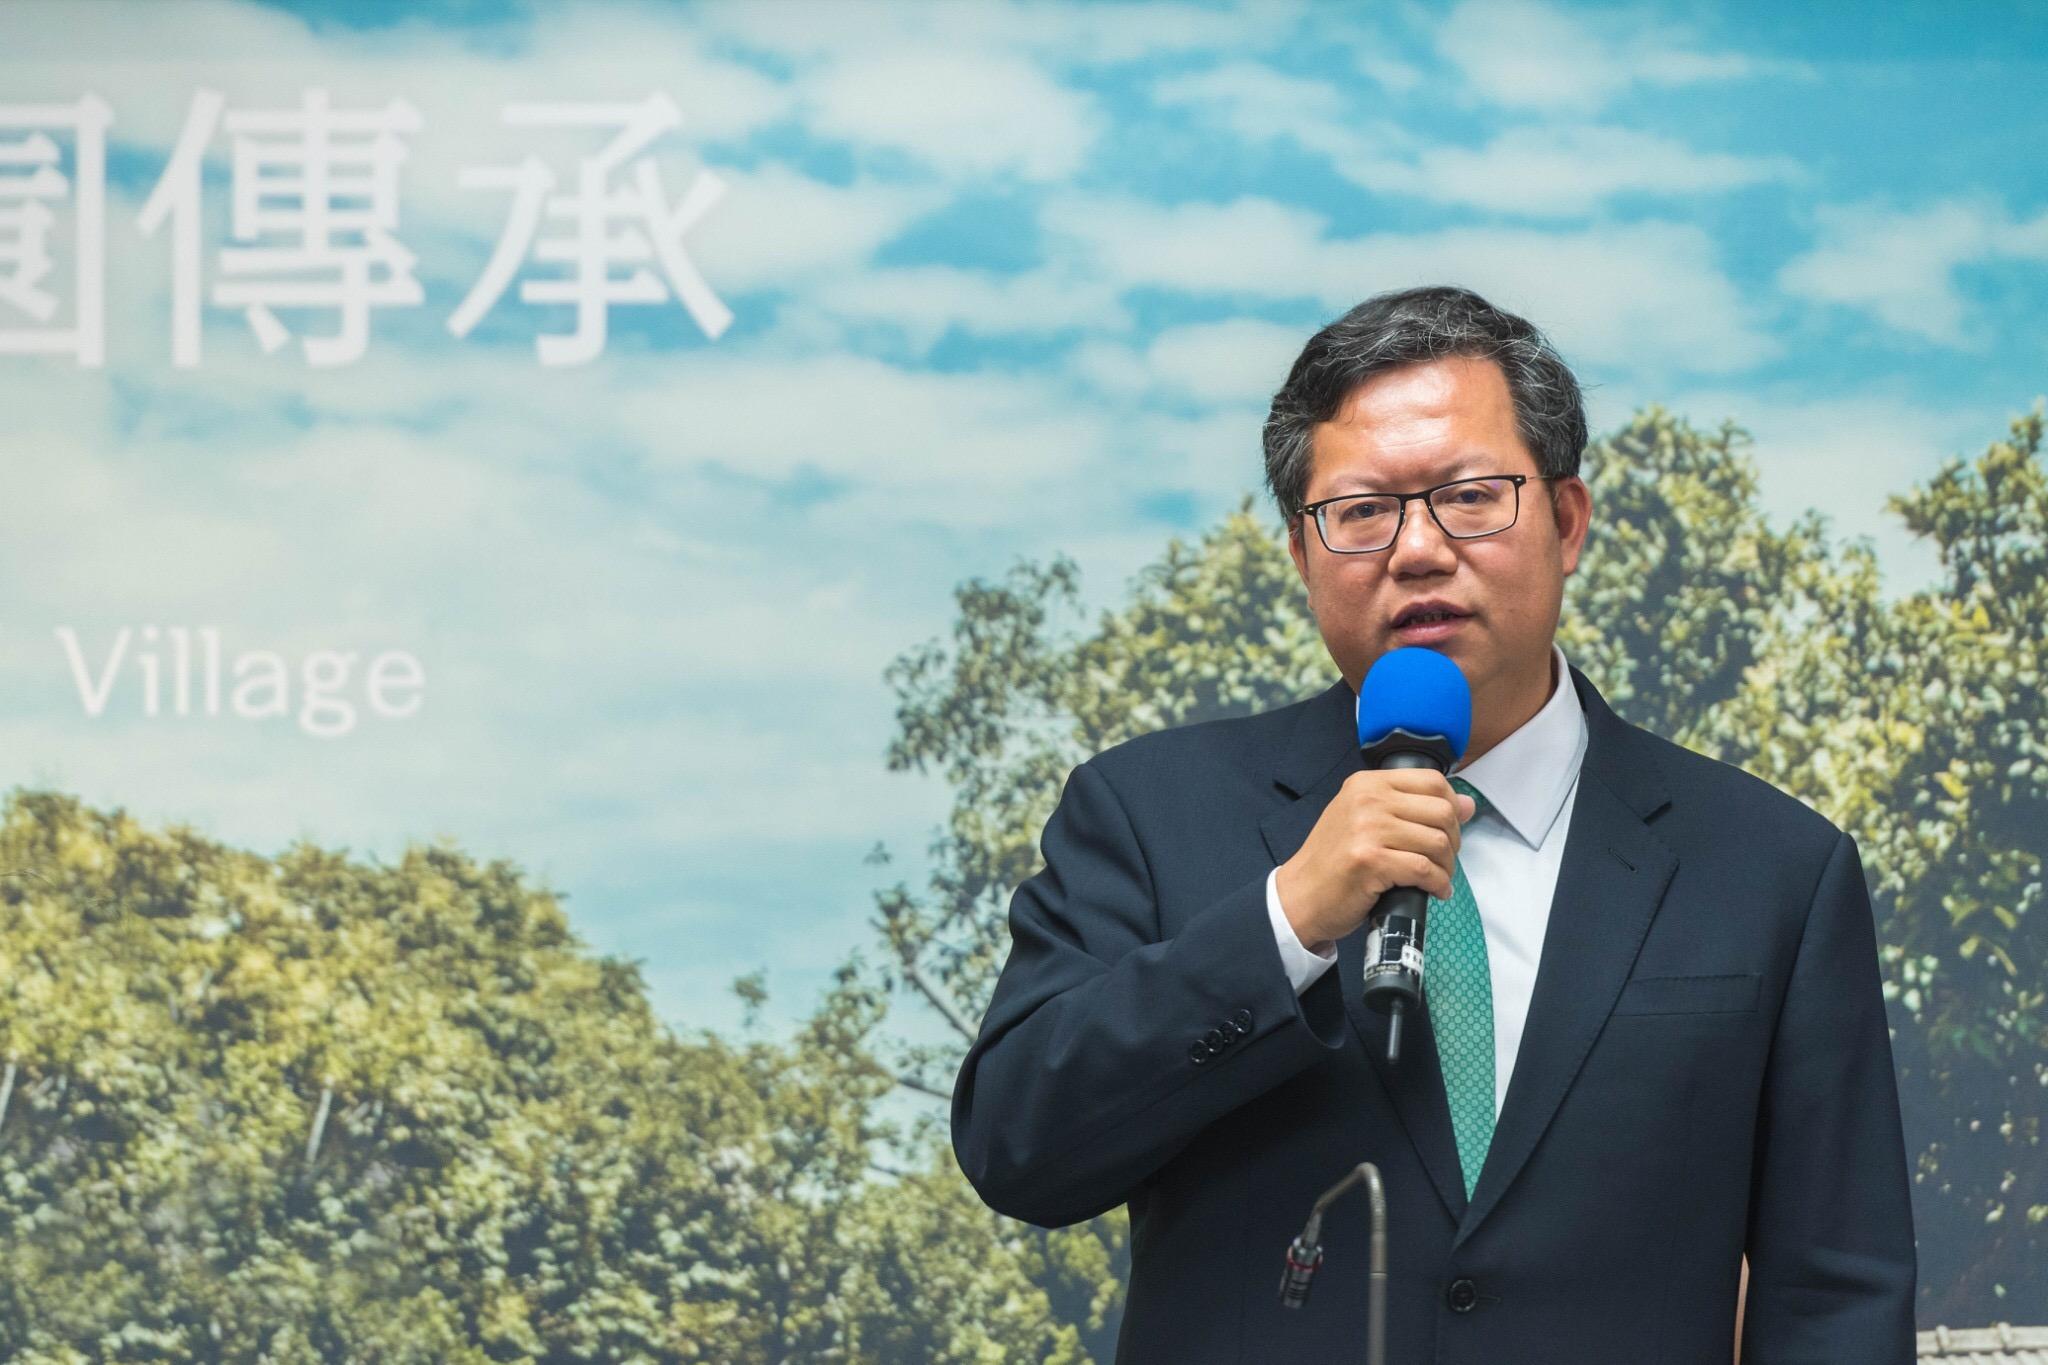 鄭市長致詞表示,國際標準舞選手林立勇奪台灣在亞洲單項錦標賽史上第一面金牌,成績斐然